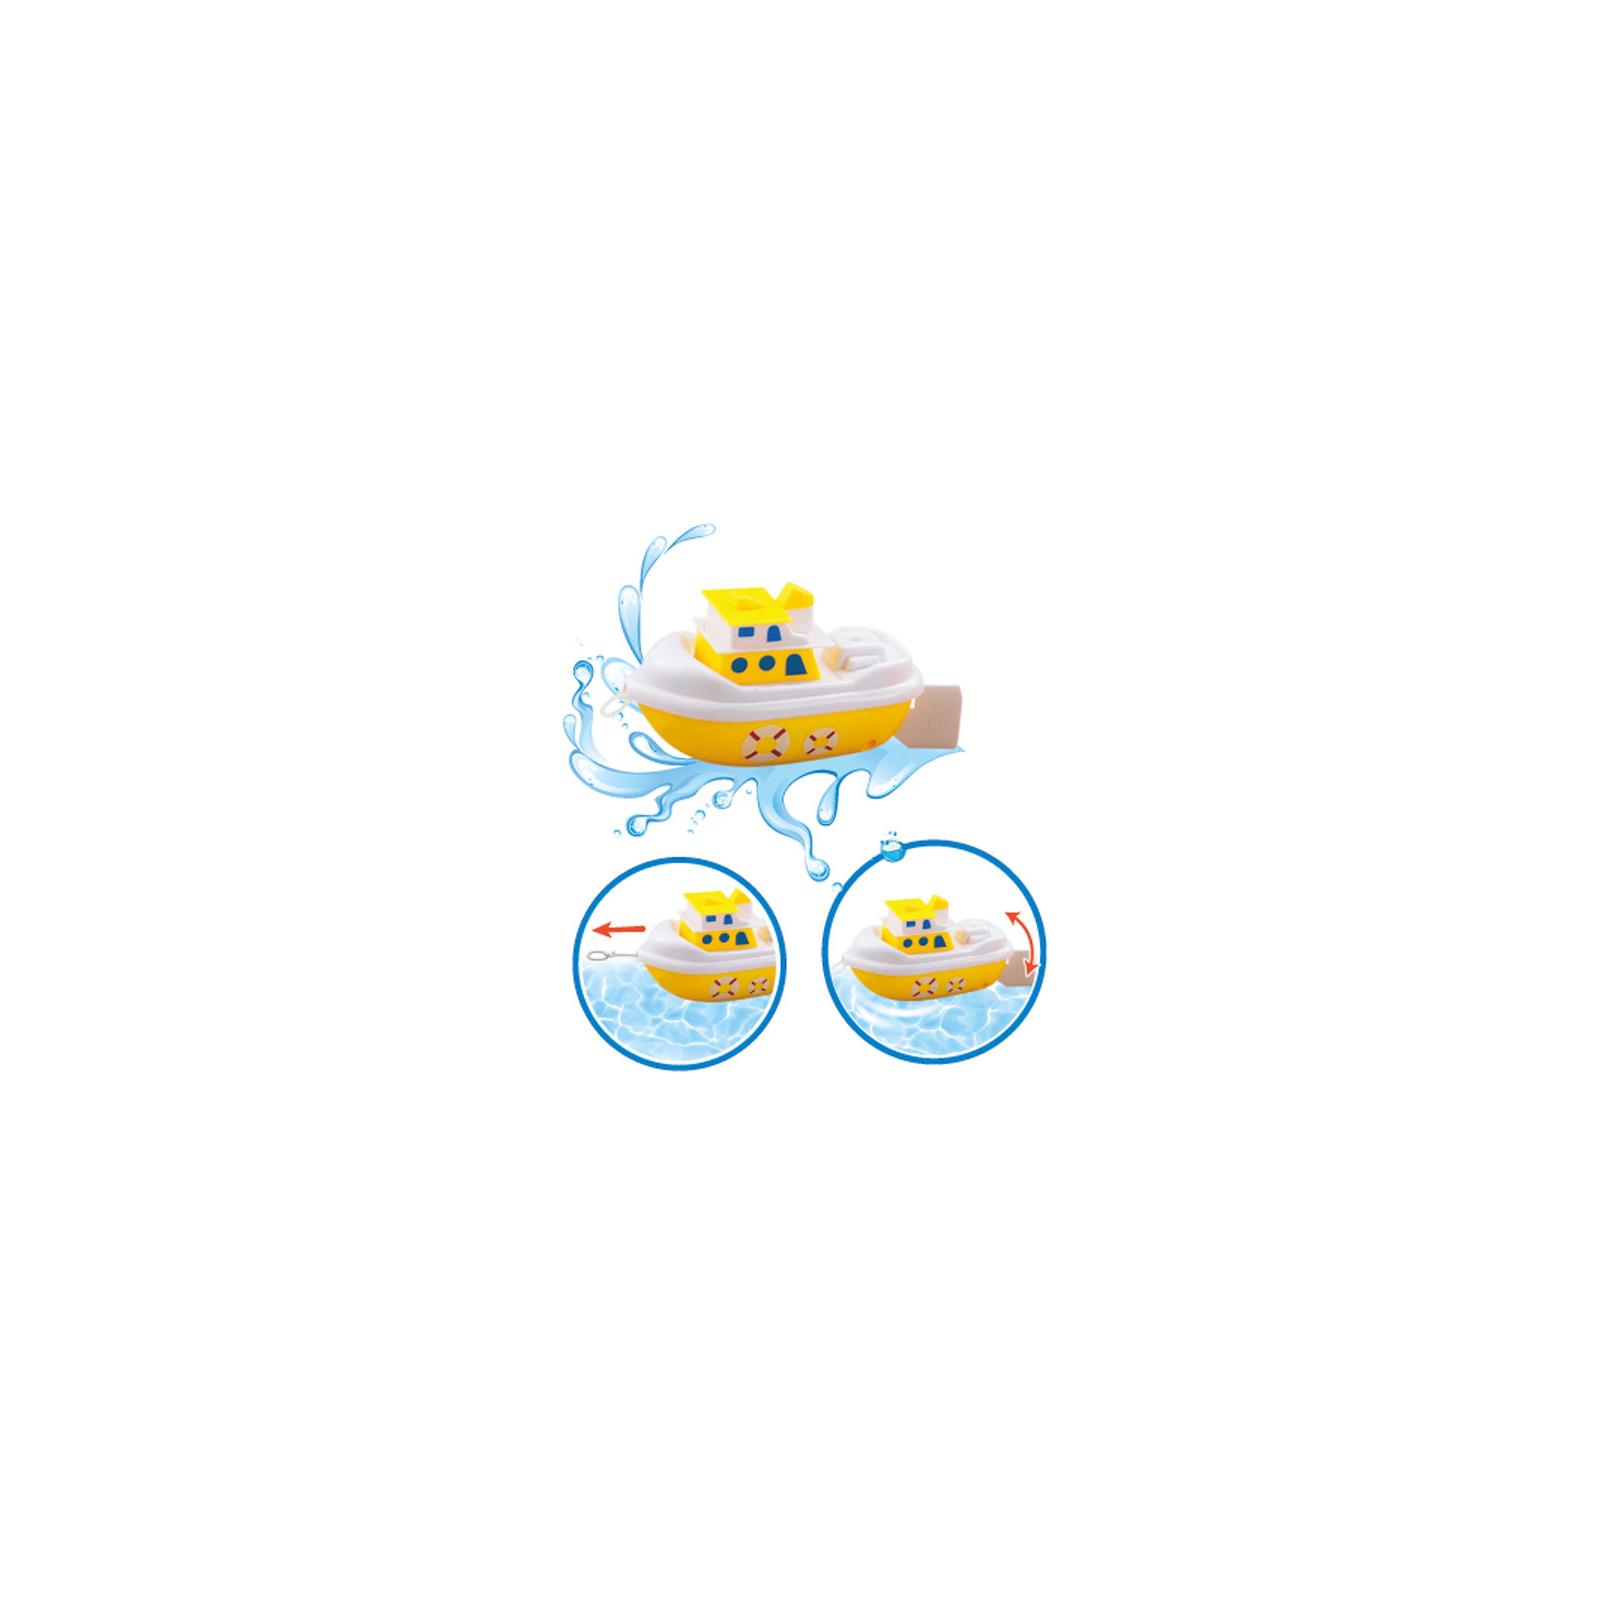 Игрушка для ванной BeBeLino Кораблик-путешественник желто-белый (57080-1) изображение 2